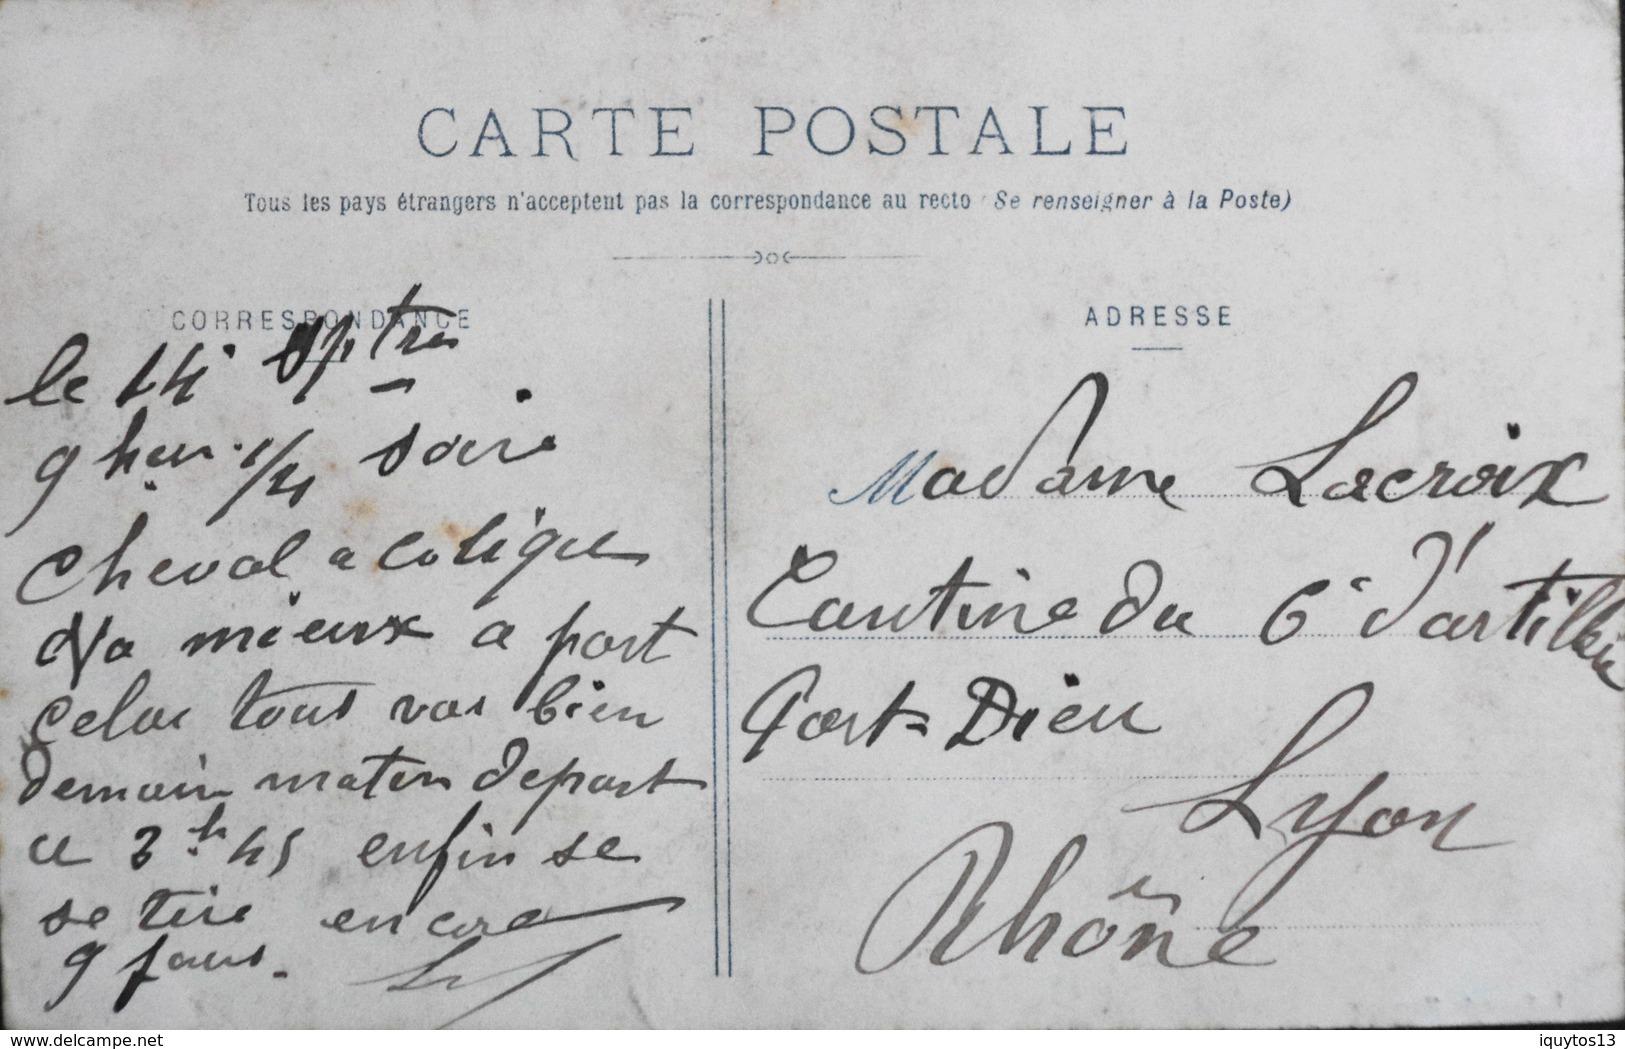 CPA. FRANCE - Marcigny Est Situé Dans Le Dép. De Saône-et-Loire - Rue Du Poids Public - Belle Animation - Daté 1909 -TBE - France